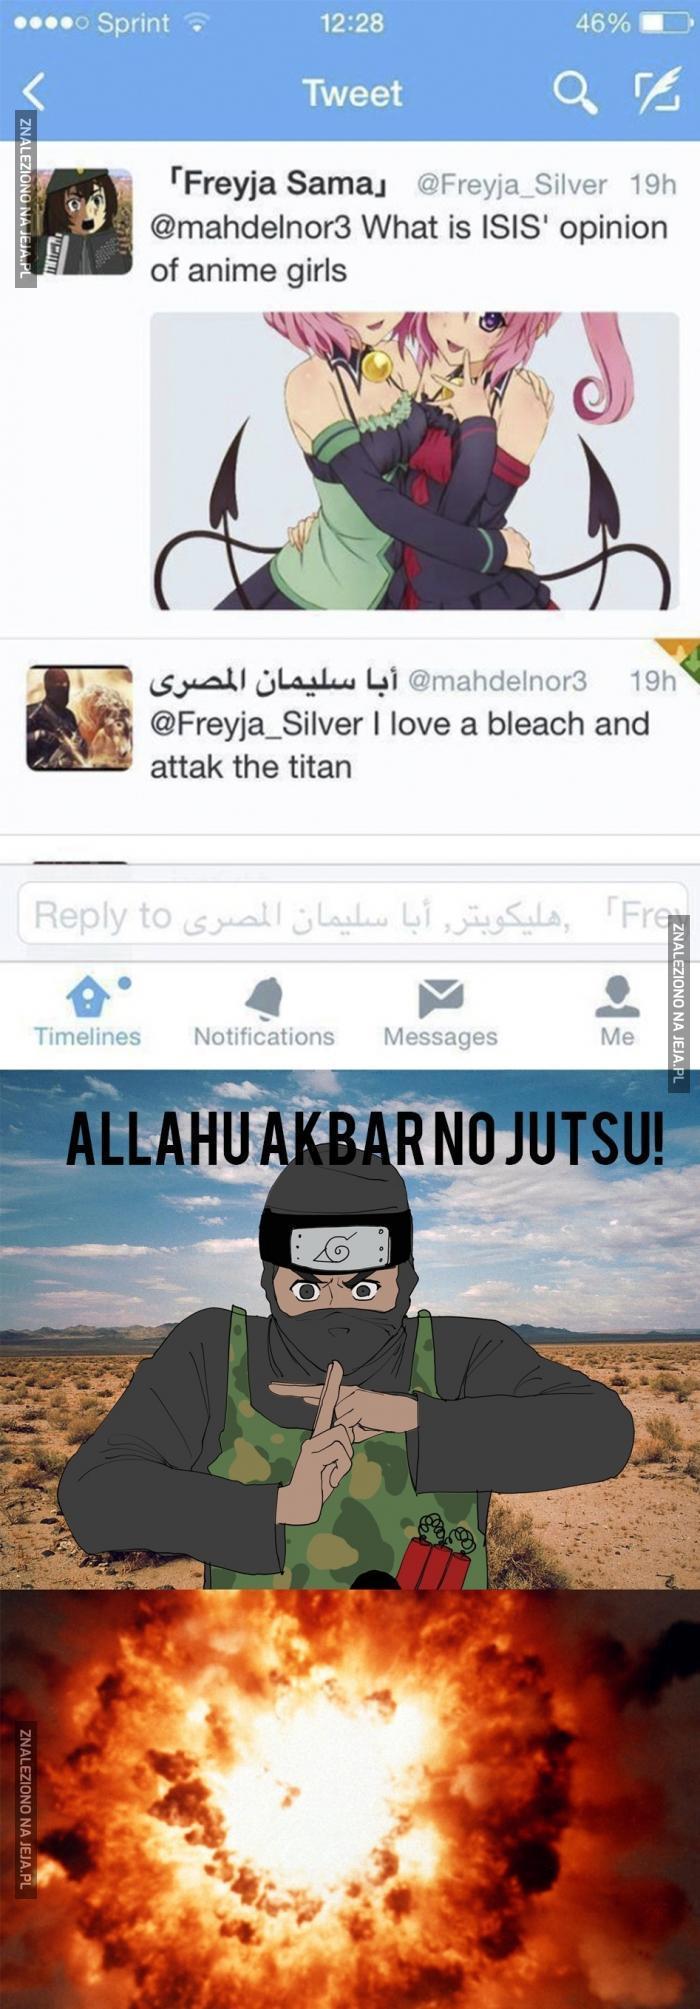 ISIS lubi anime...?